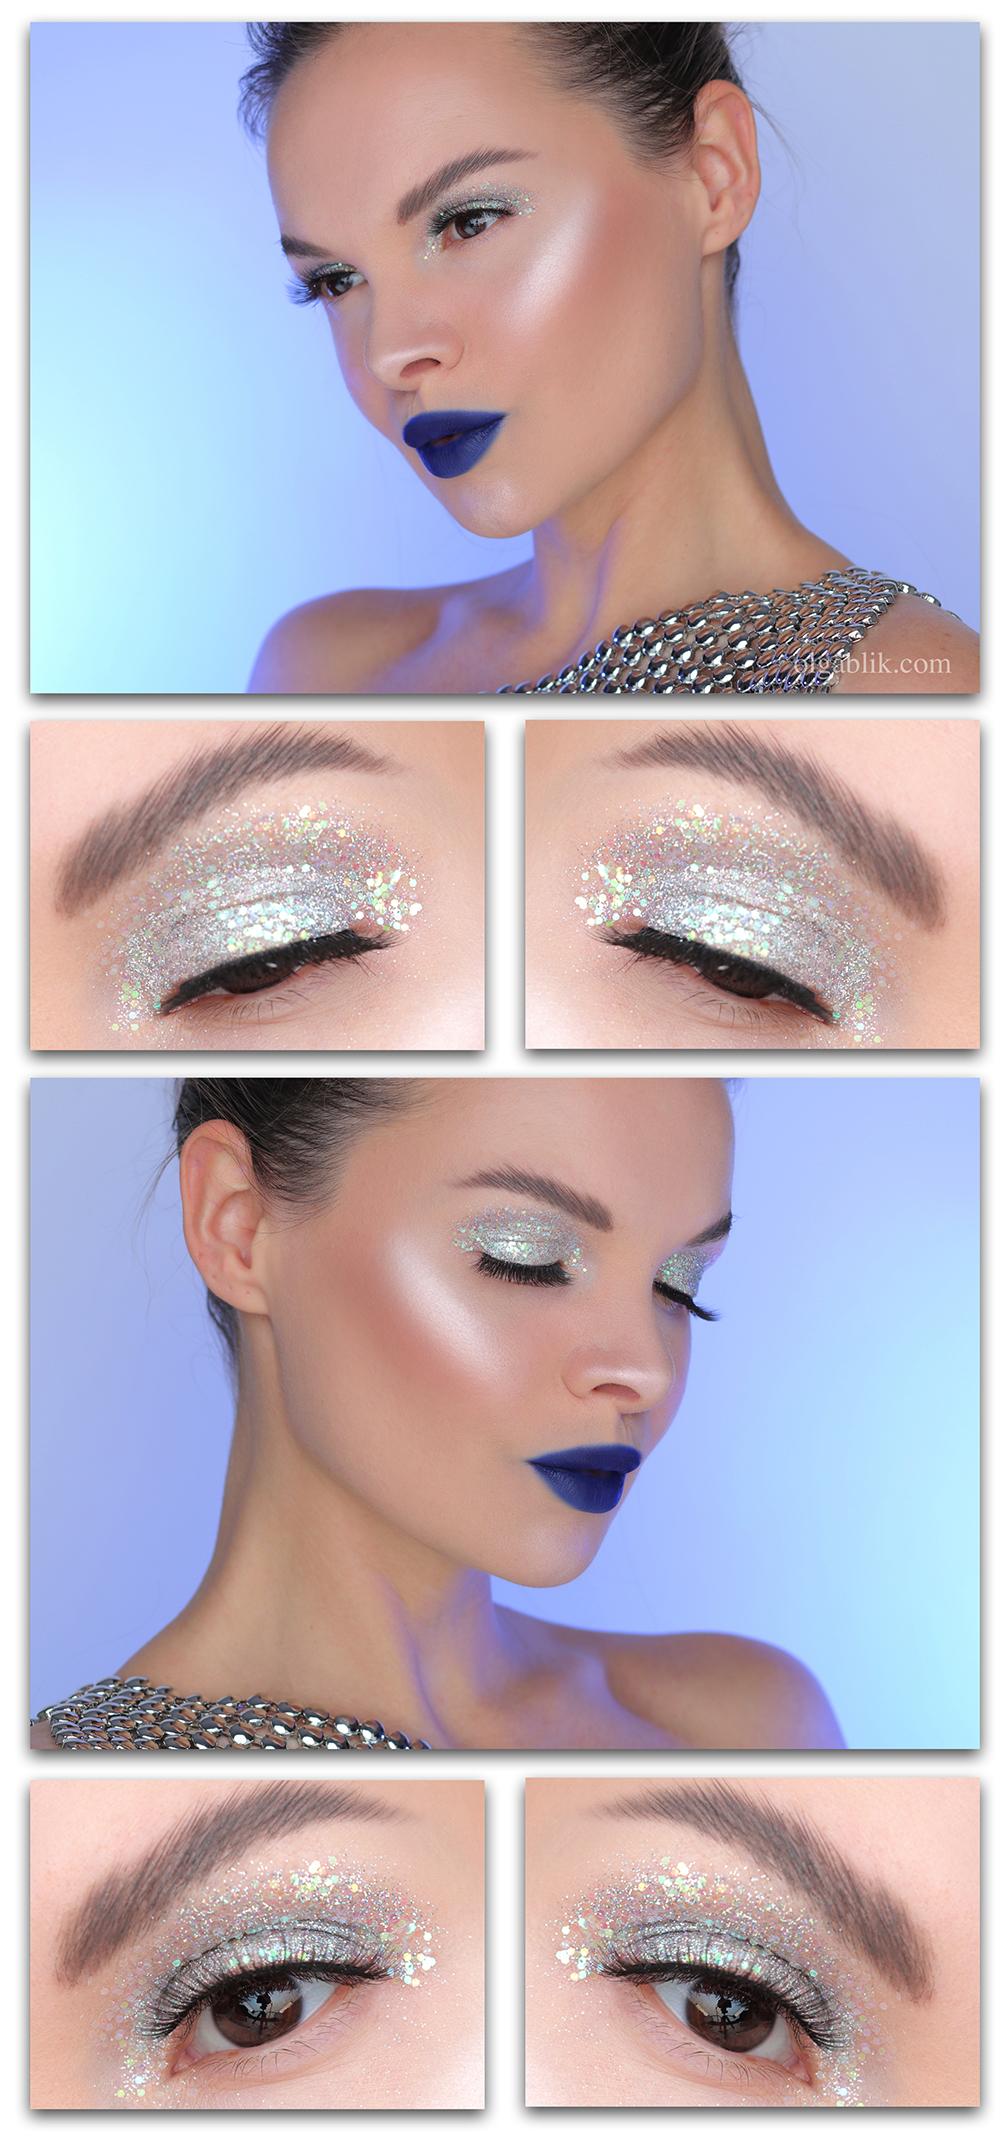 Макияж с блестками для карих глаз, макияж с блестками пошагово, макияж с глиттером фото